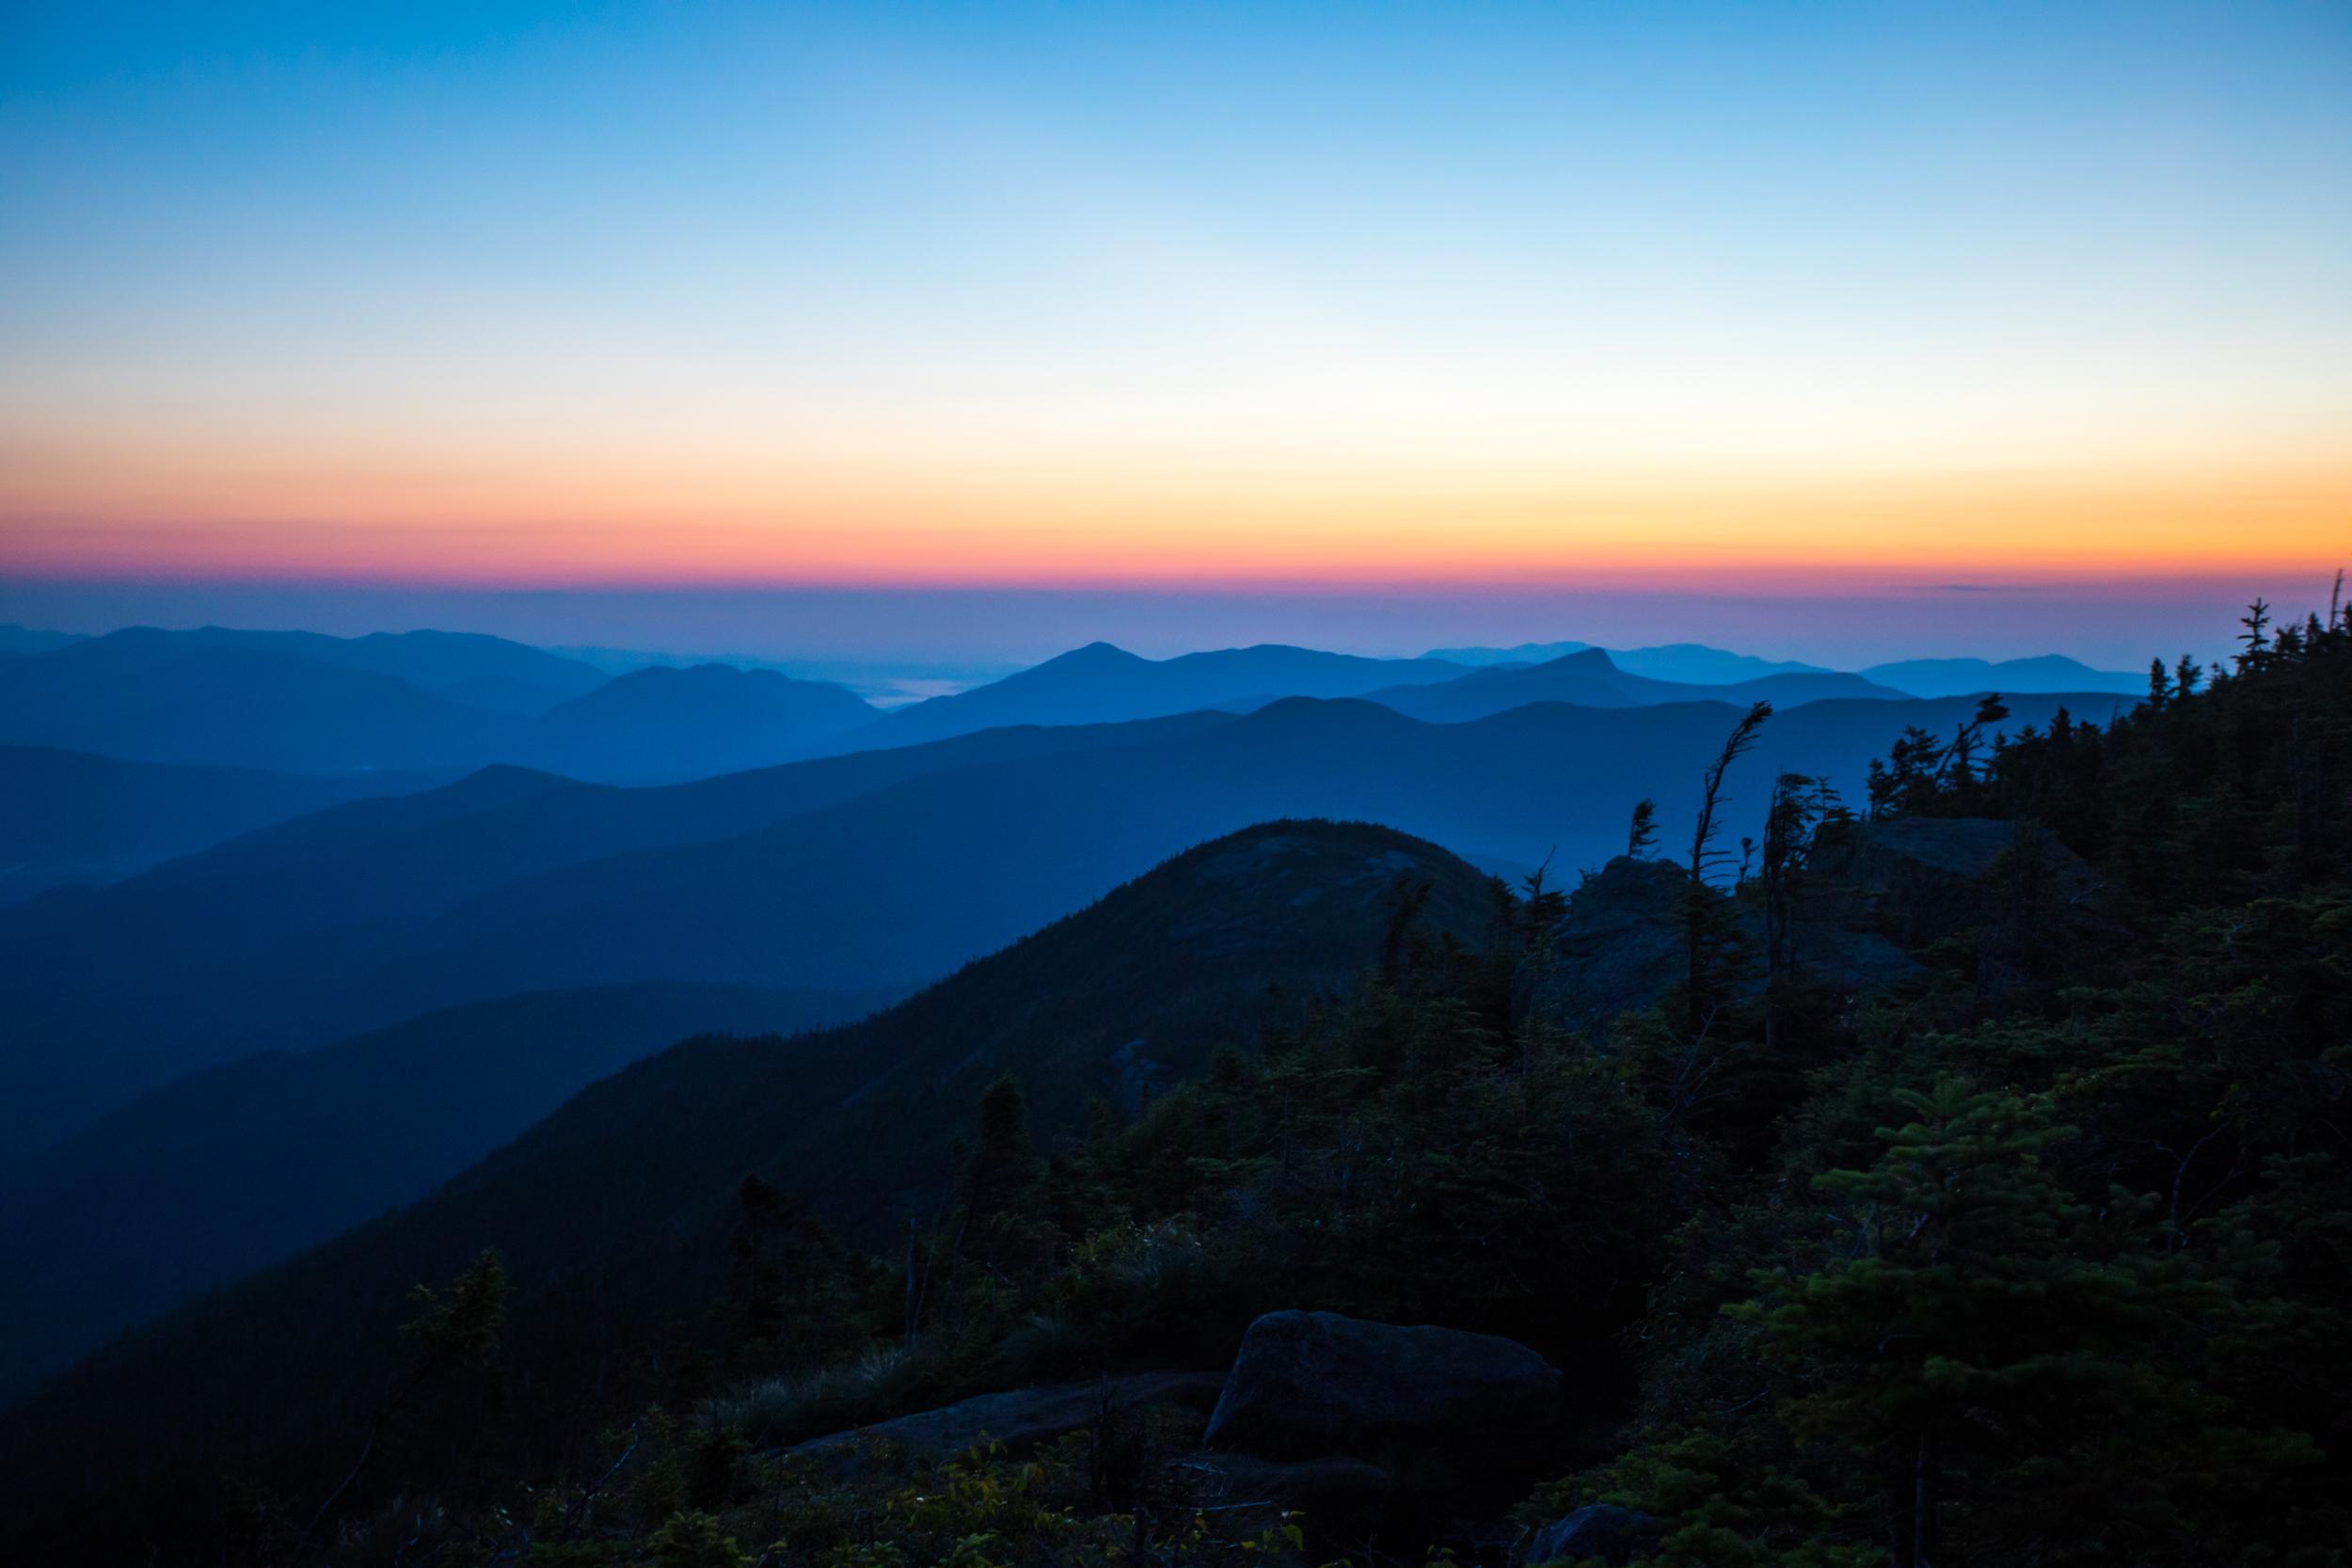 Mount Colden Sunrise.jpg